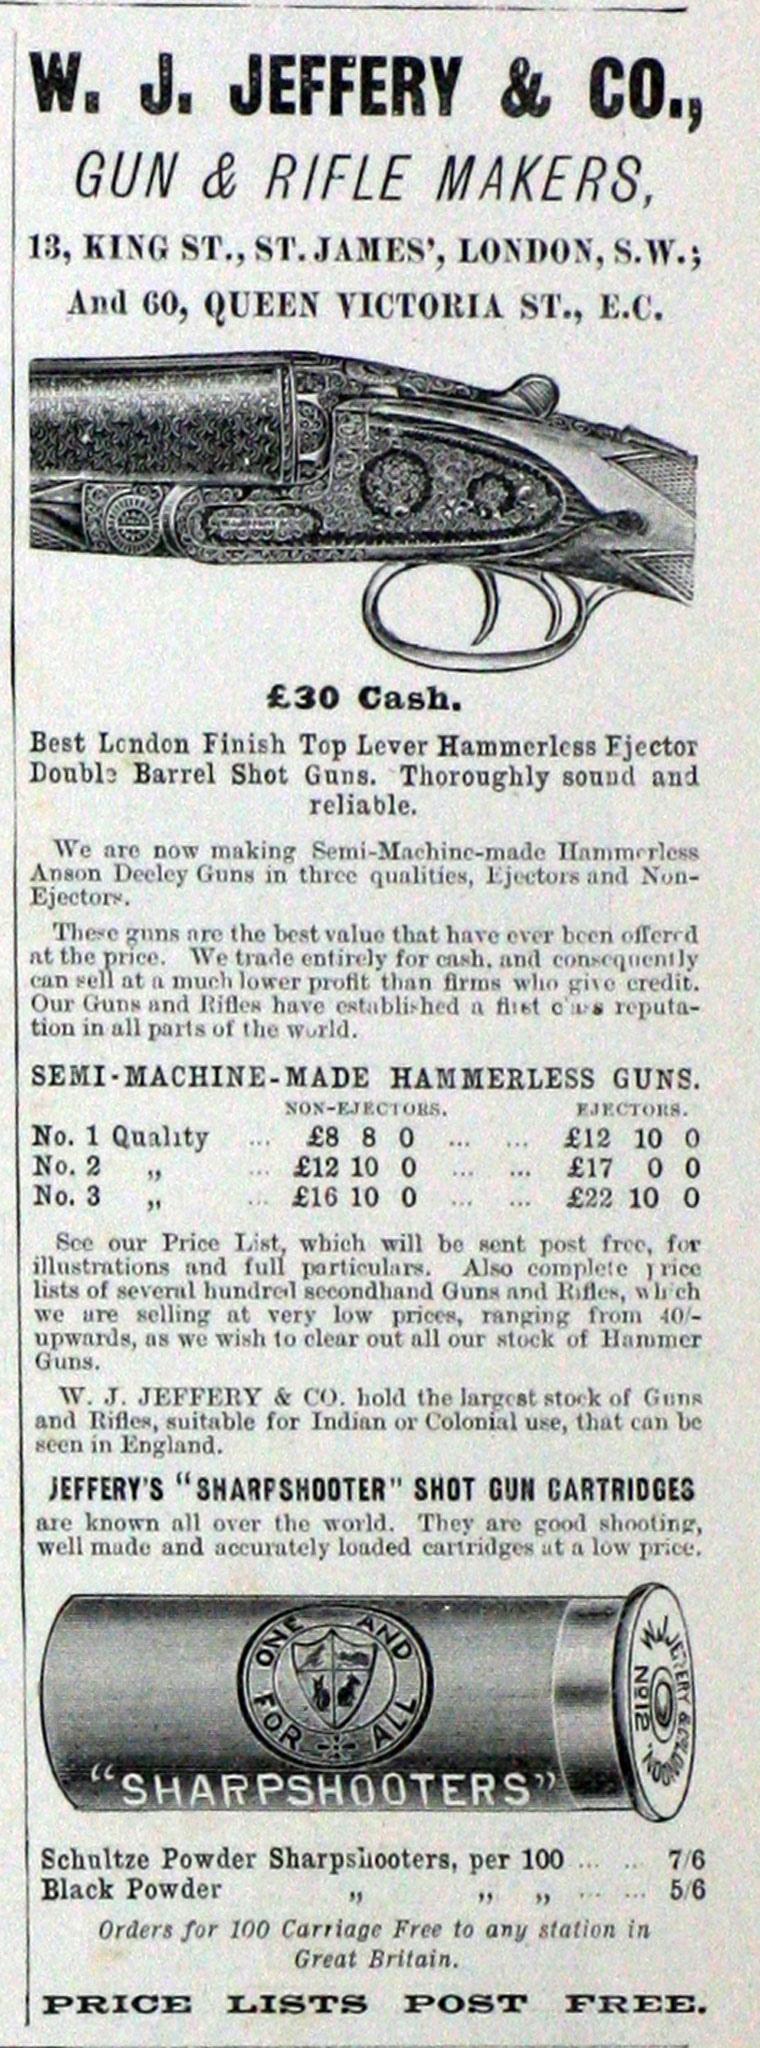 Реклама другого оружия фирмы W. J. Jeffery & Co. примерно аналогичного периода для сравнения уровня цен.